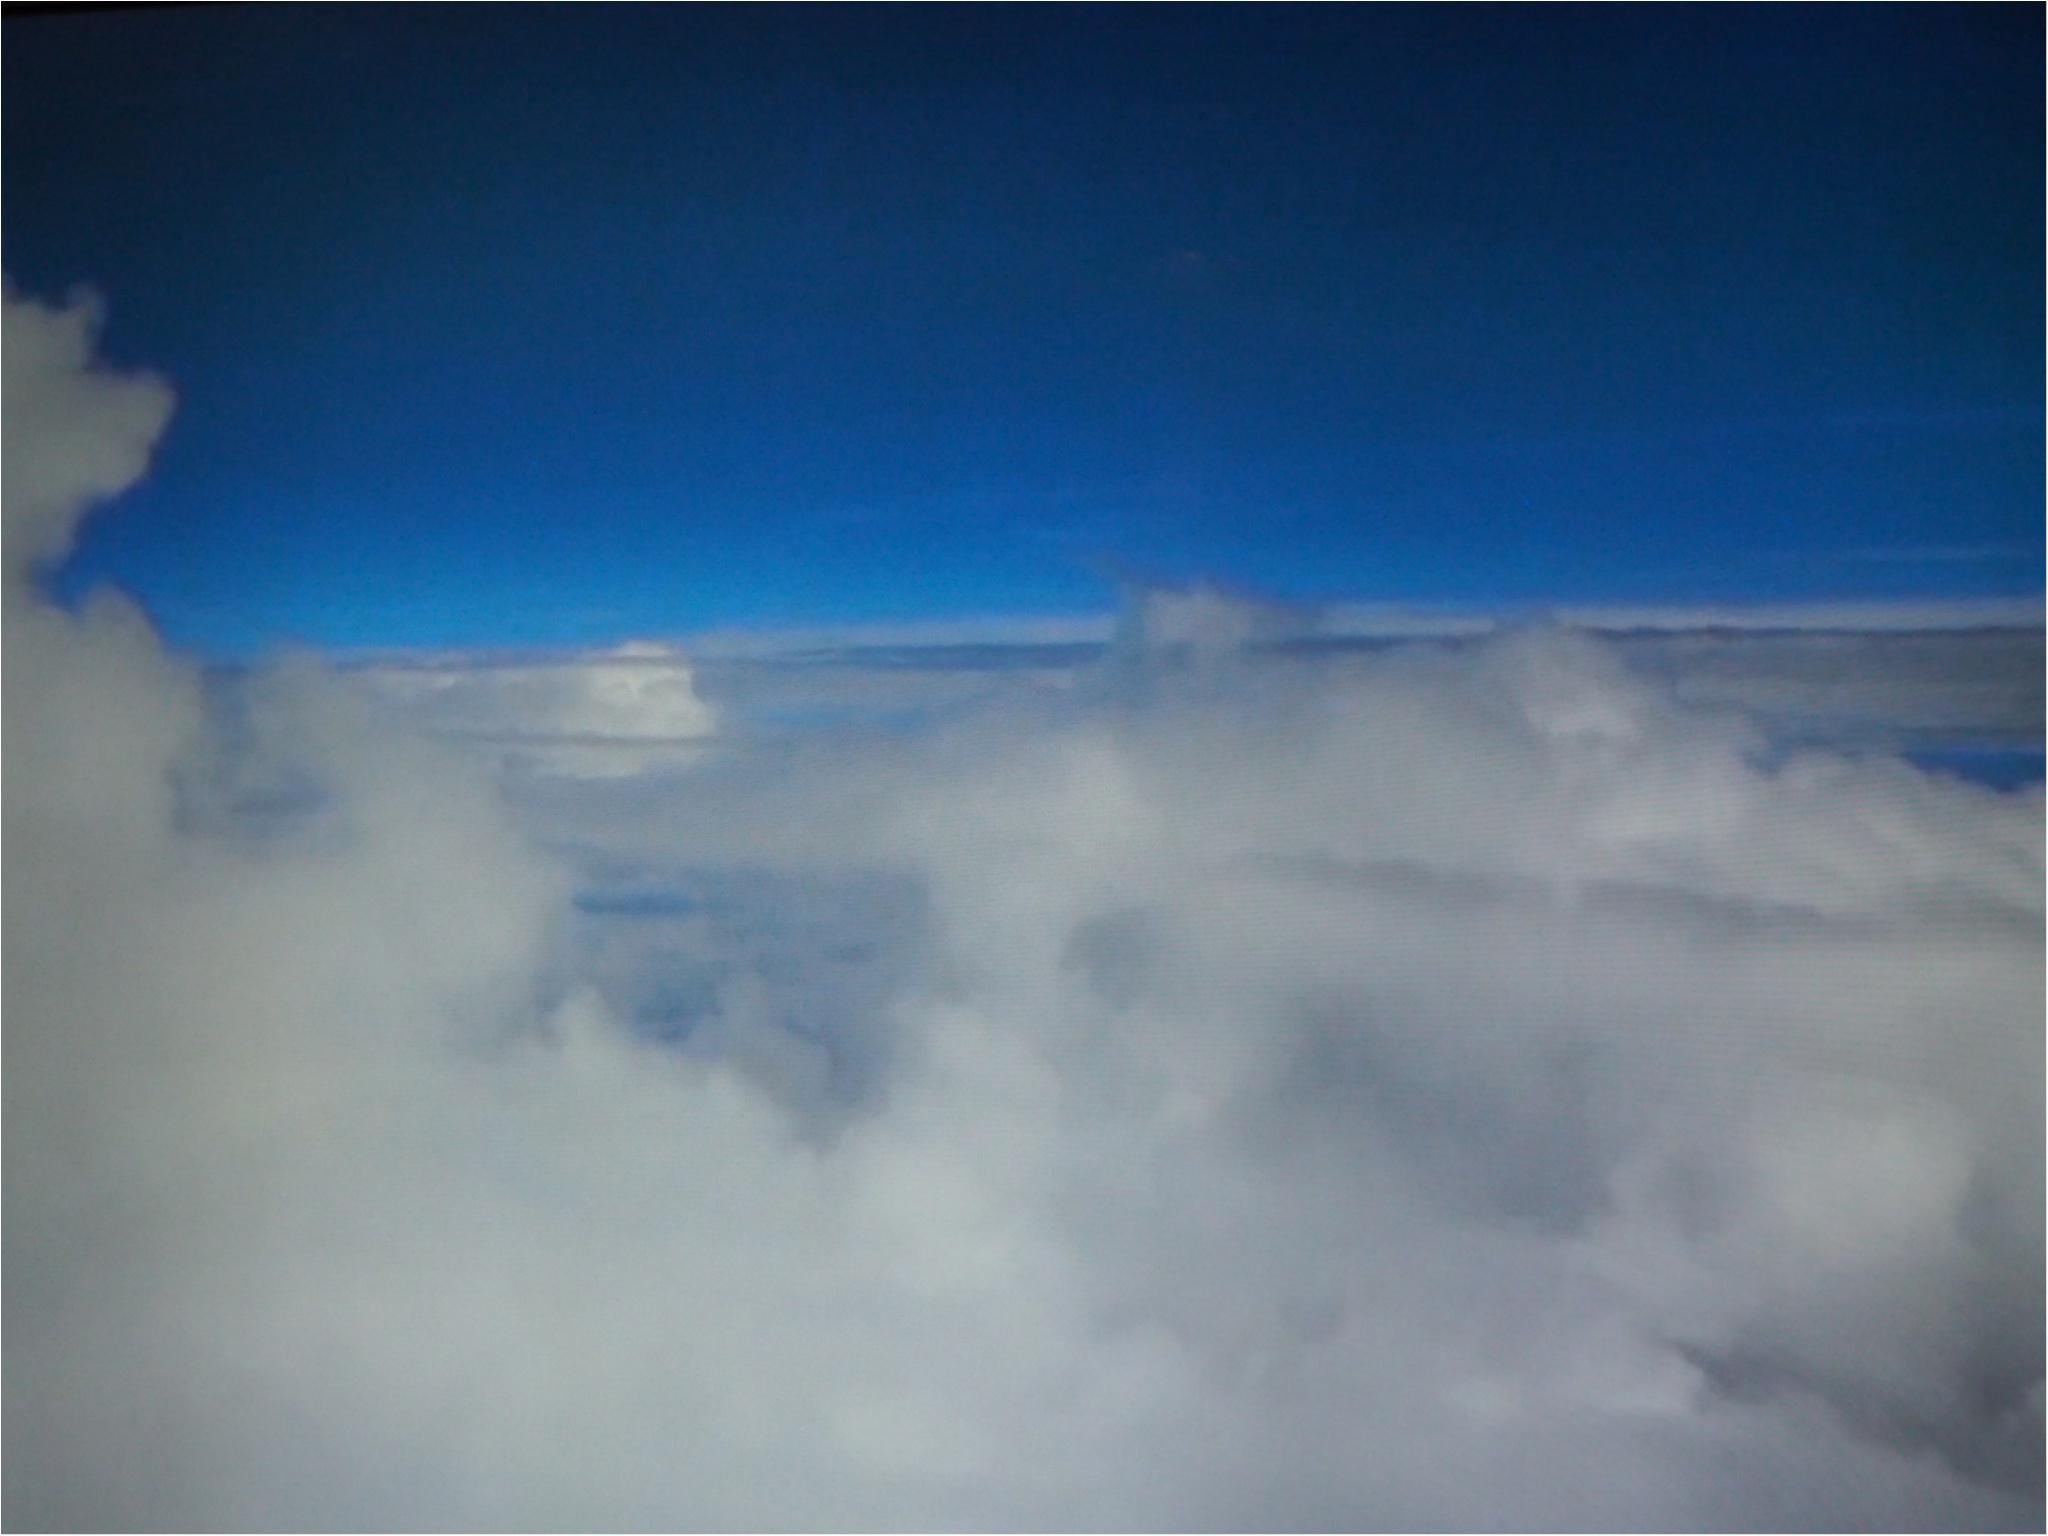 池袋に国際空港ができたらしい?!「FIRST AIRLINES」で行く空の旅へ_8